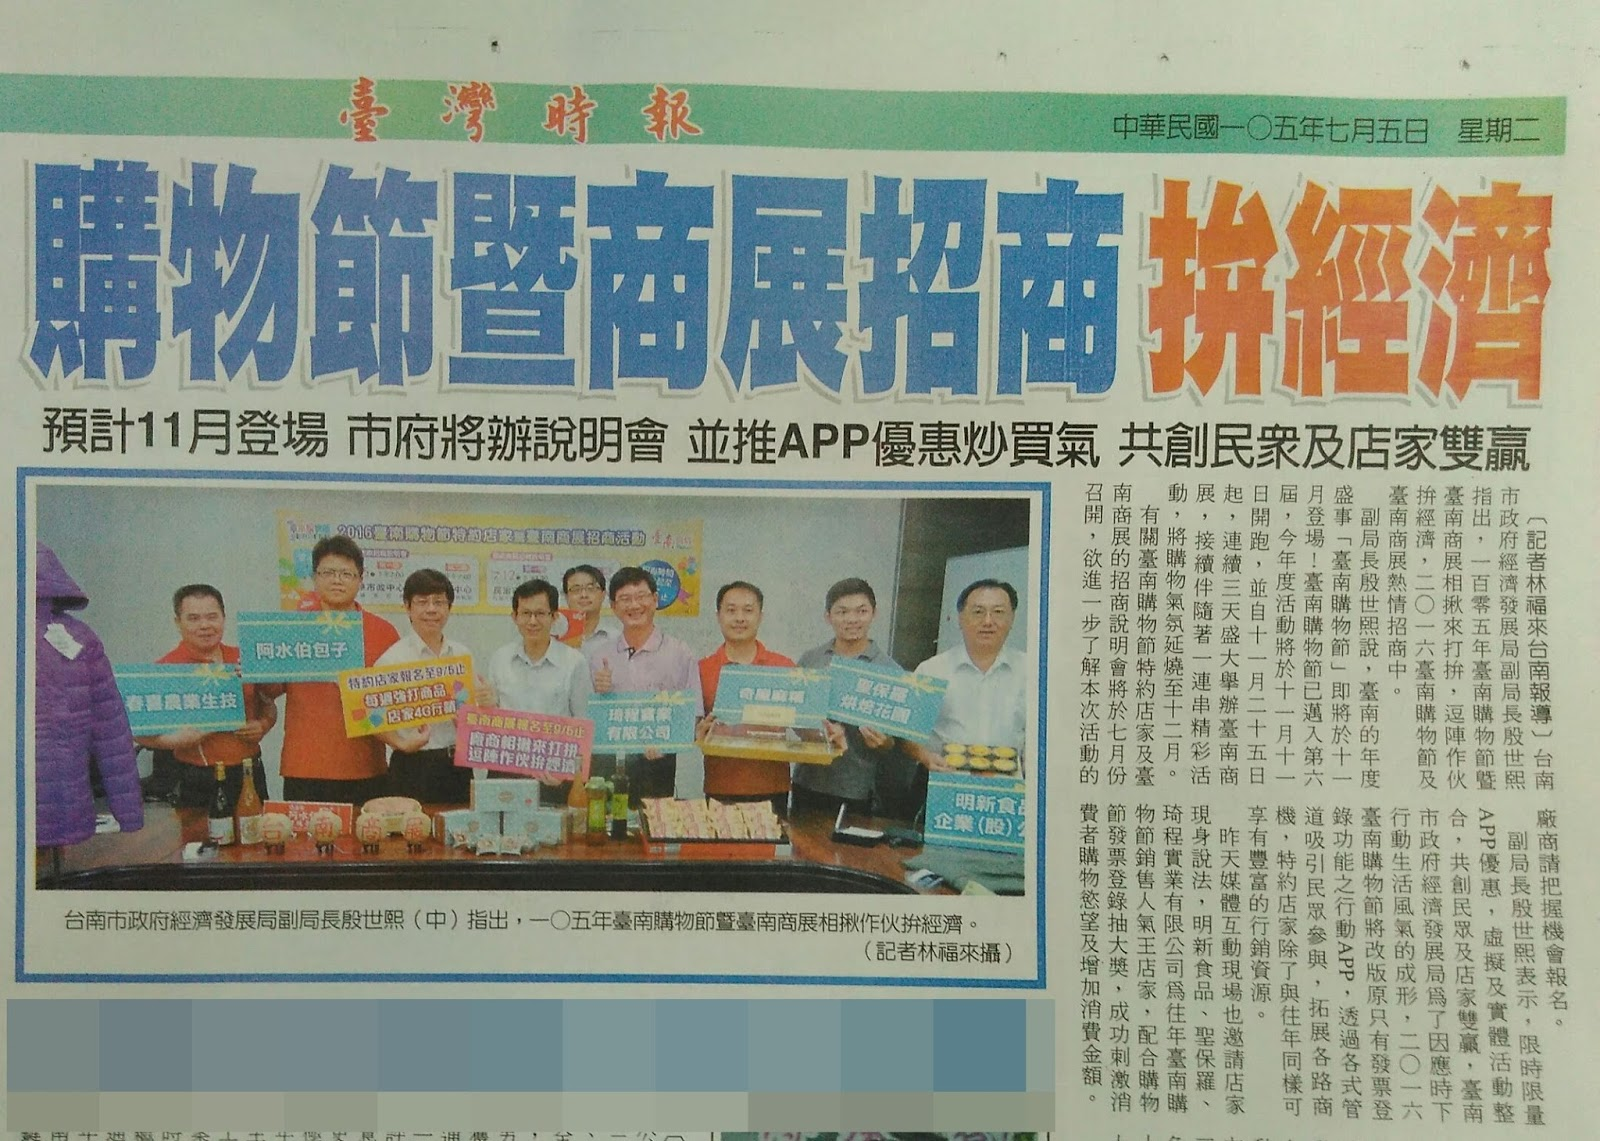 阿水伯包子臺南購物節臺南商展-臺灣時報